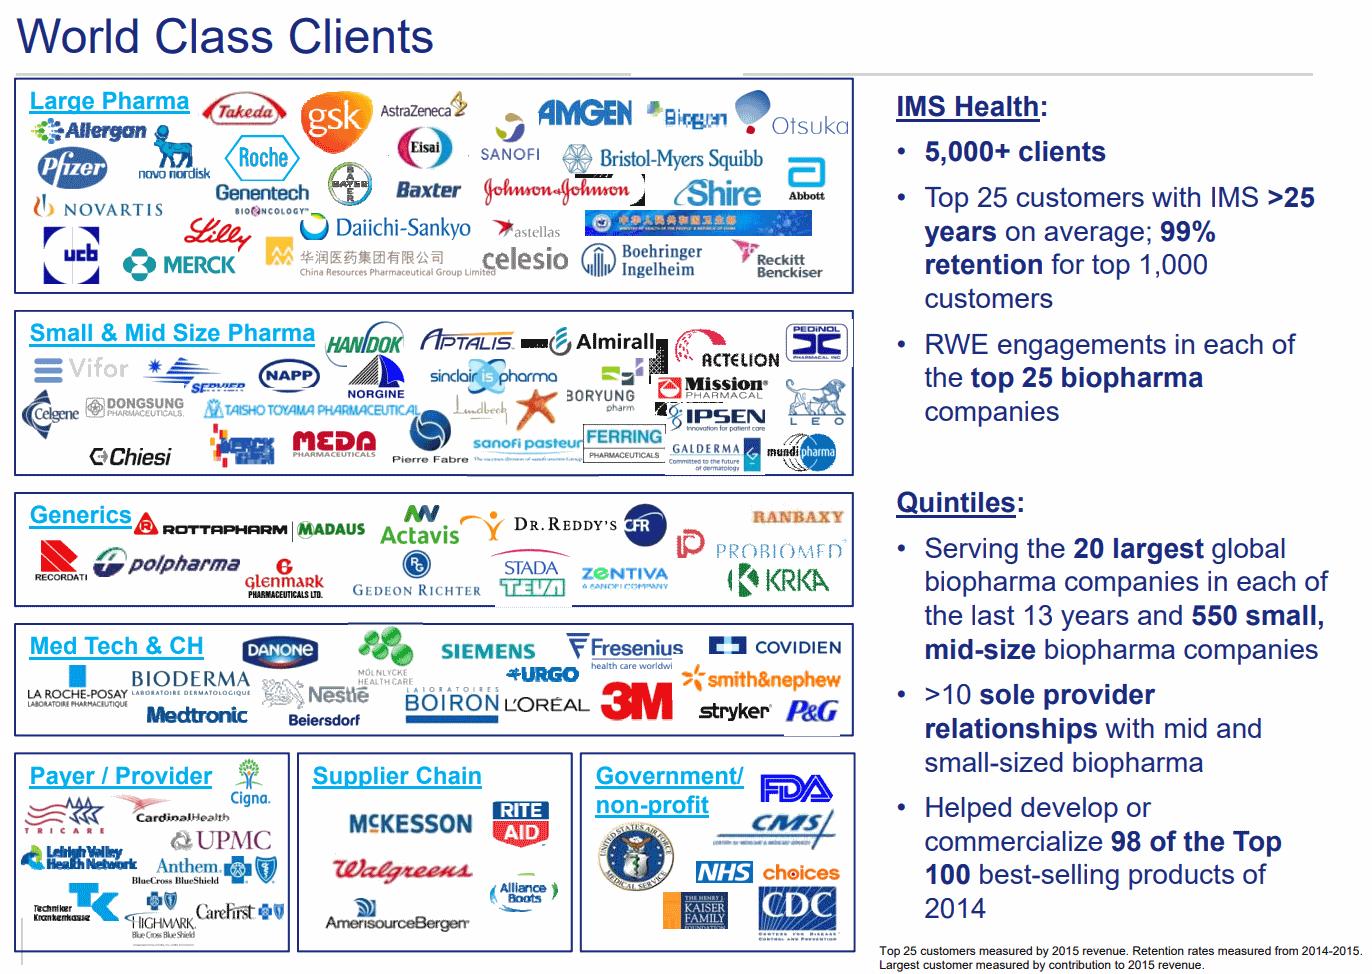 IQVIA-Clients